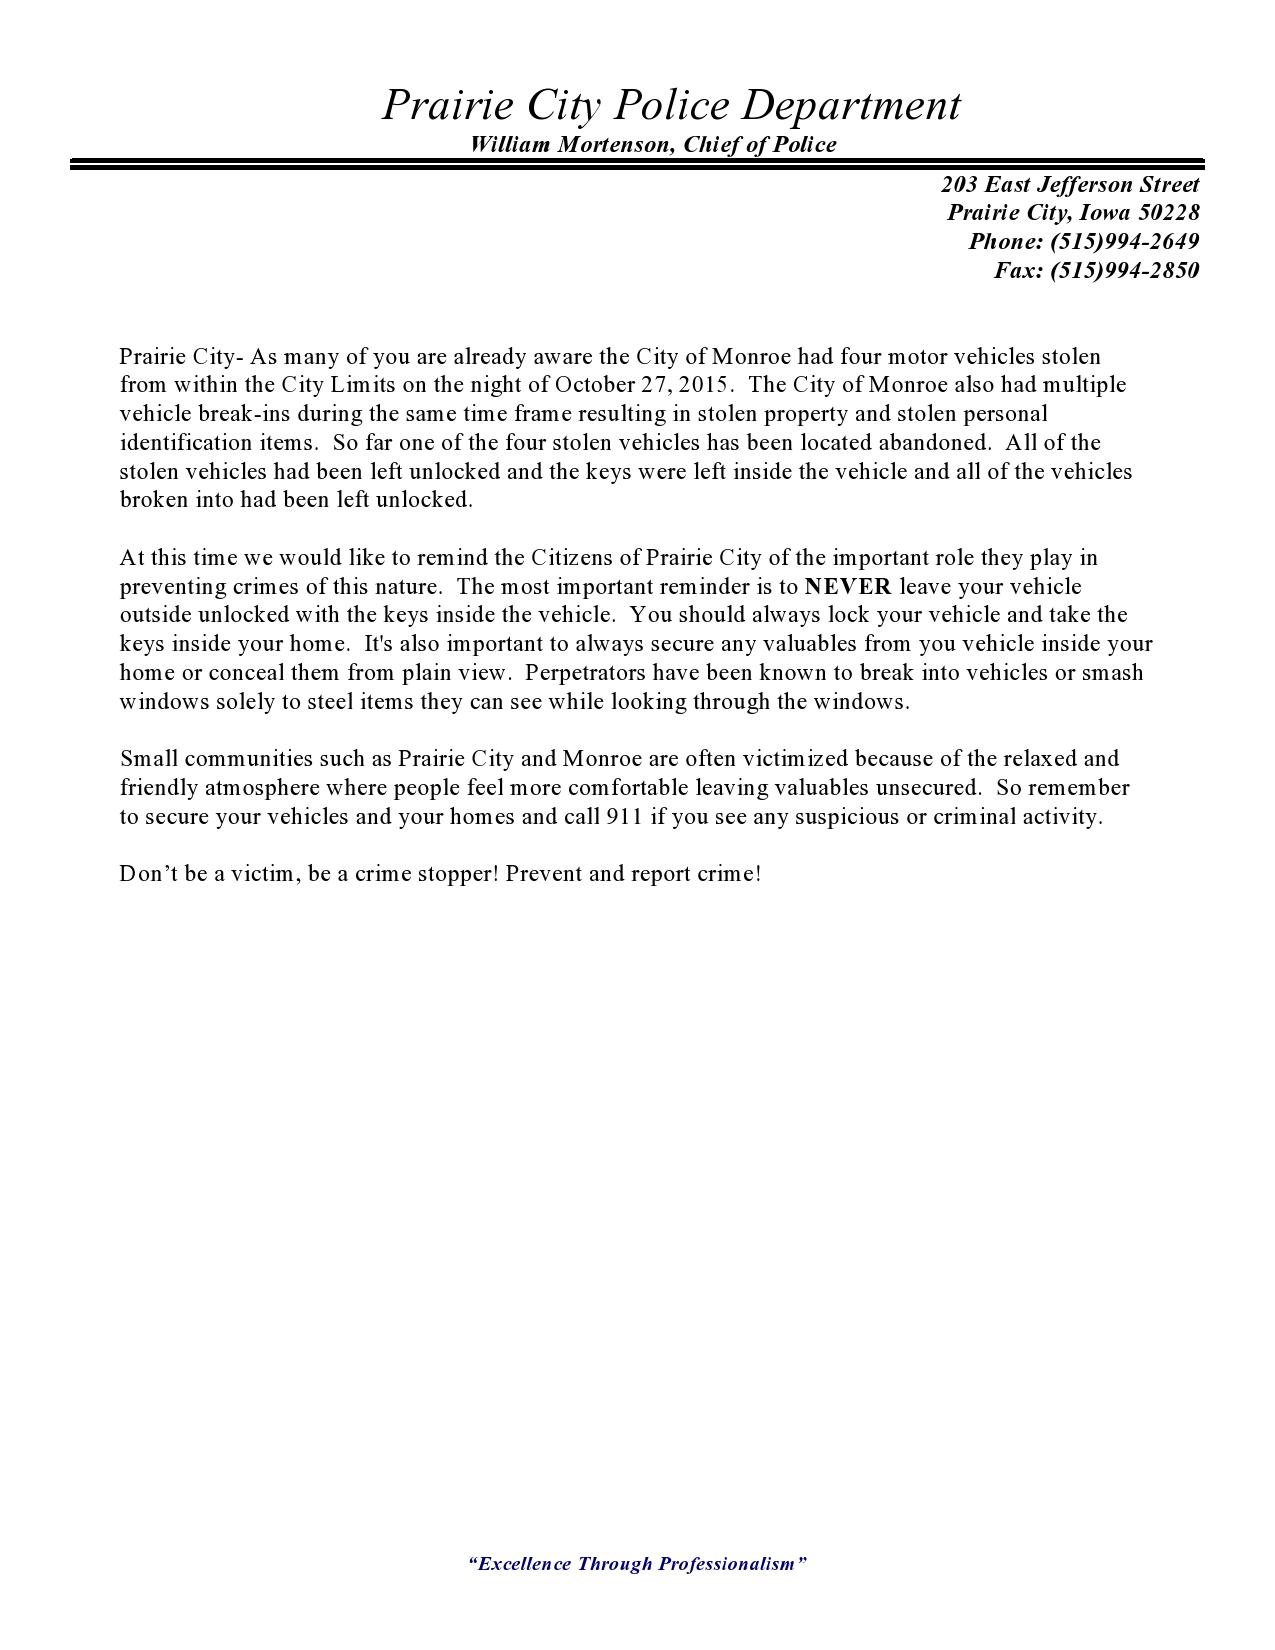 Monroe Veh Press release-page0001